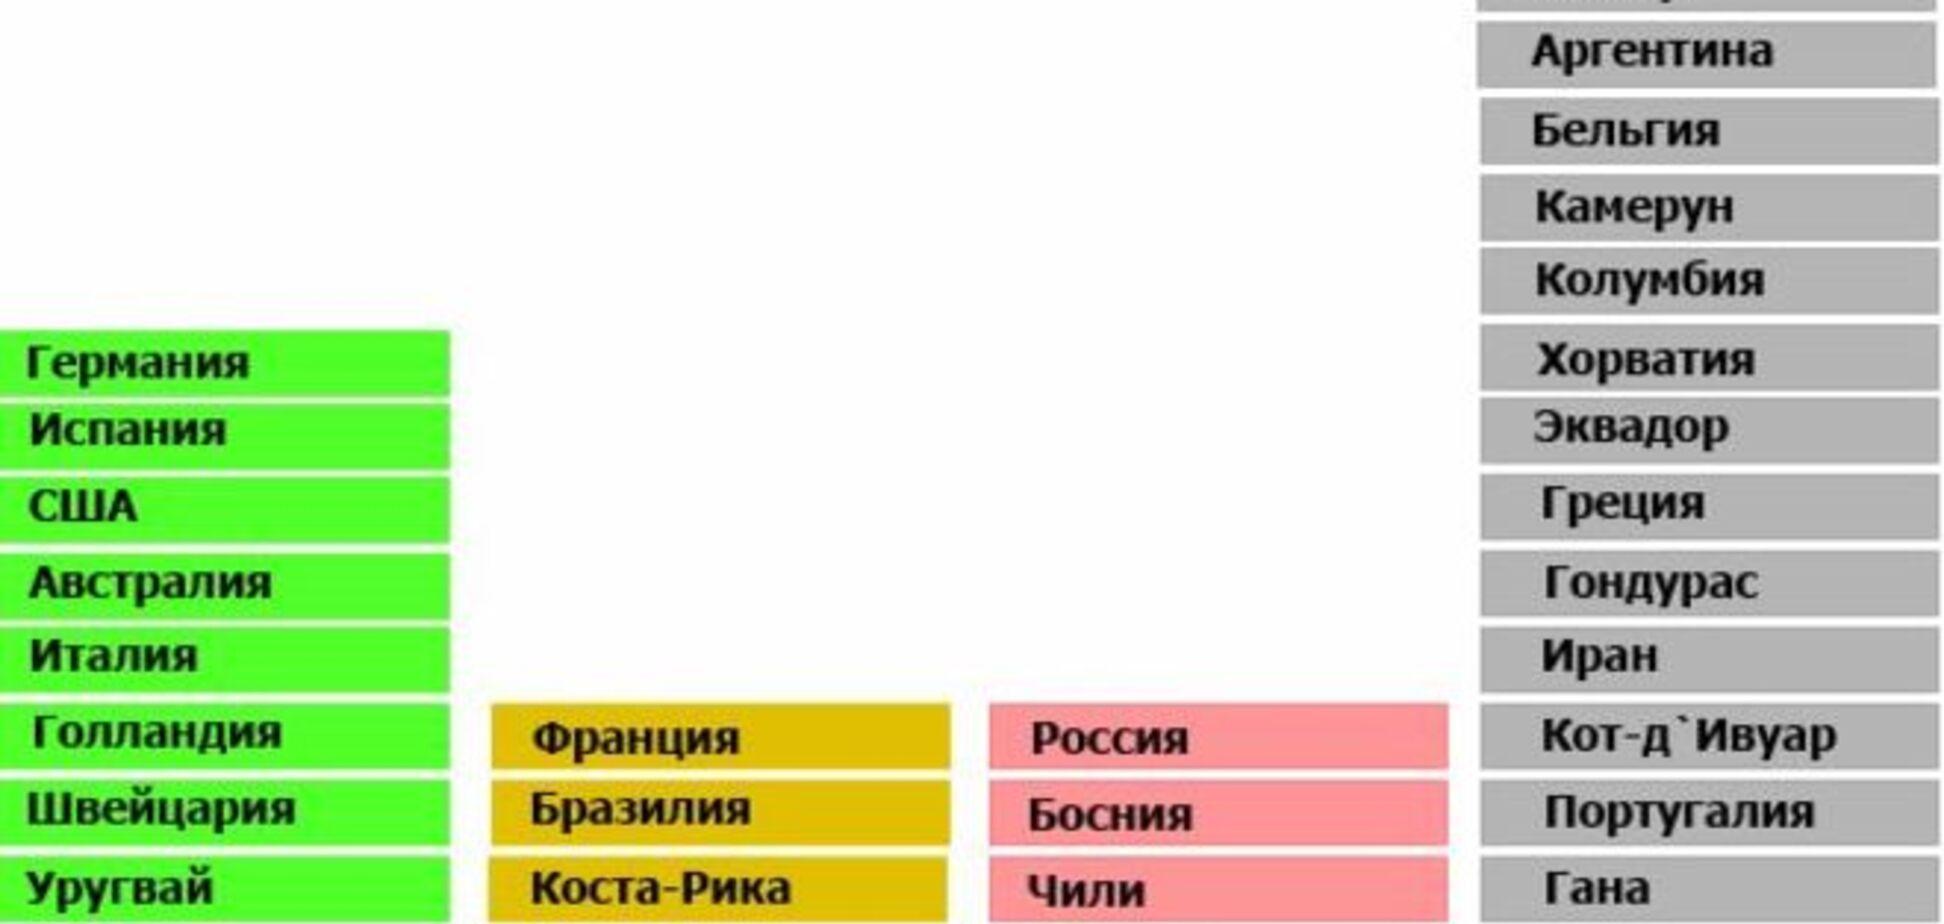 ЧМ-2014. Составлен путеводитель по сексуальным ограничениям для футболистов